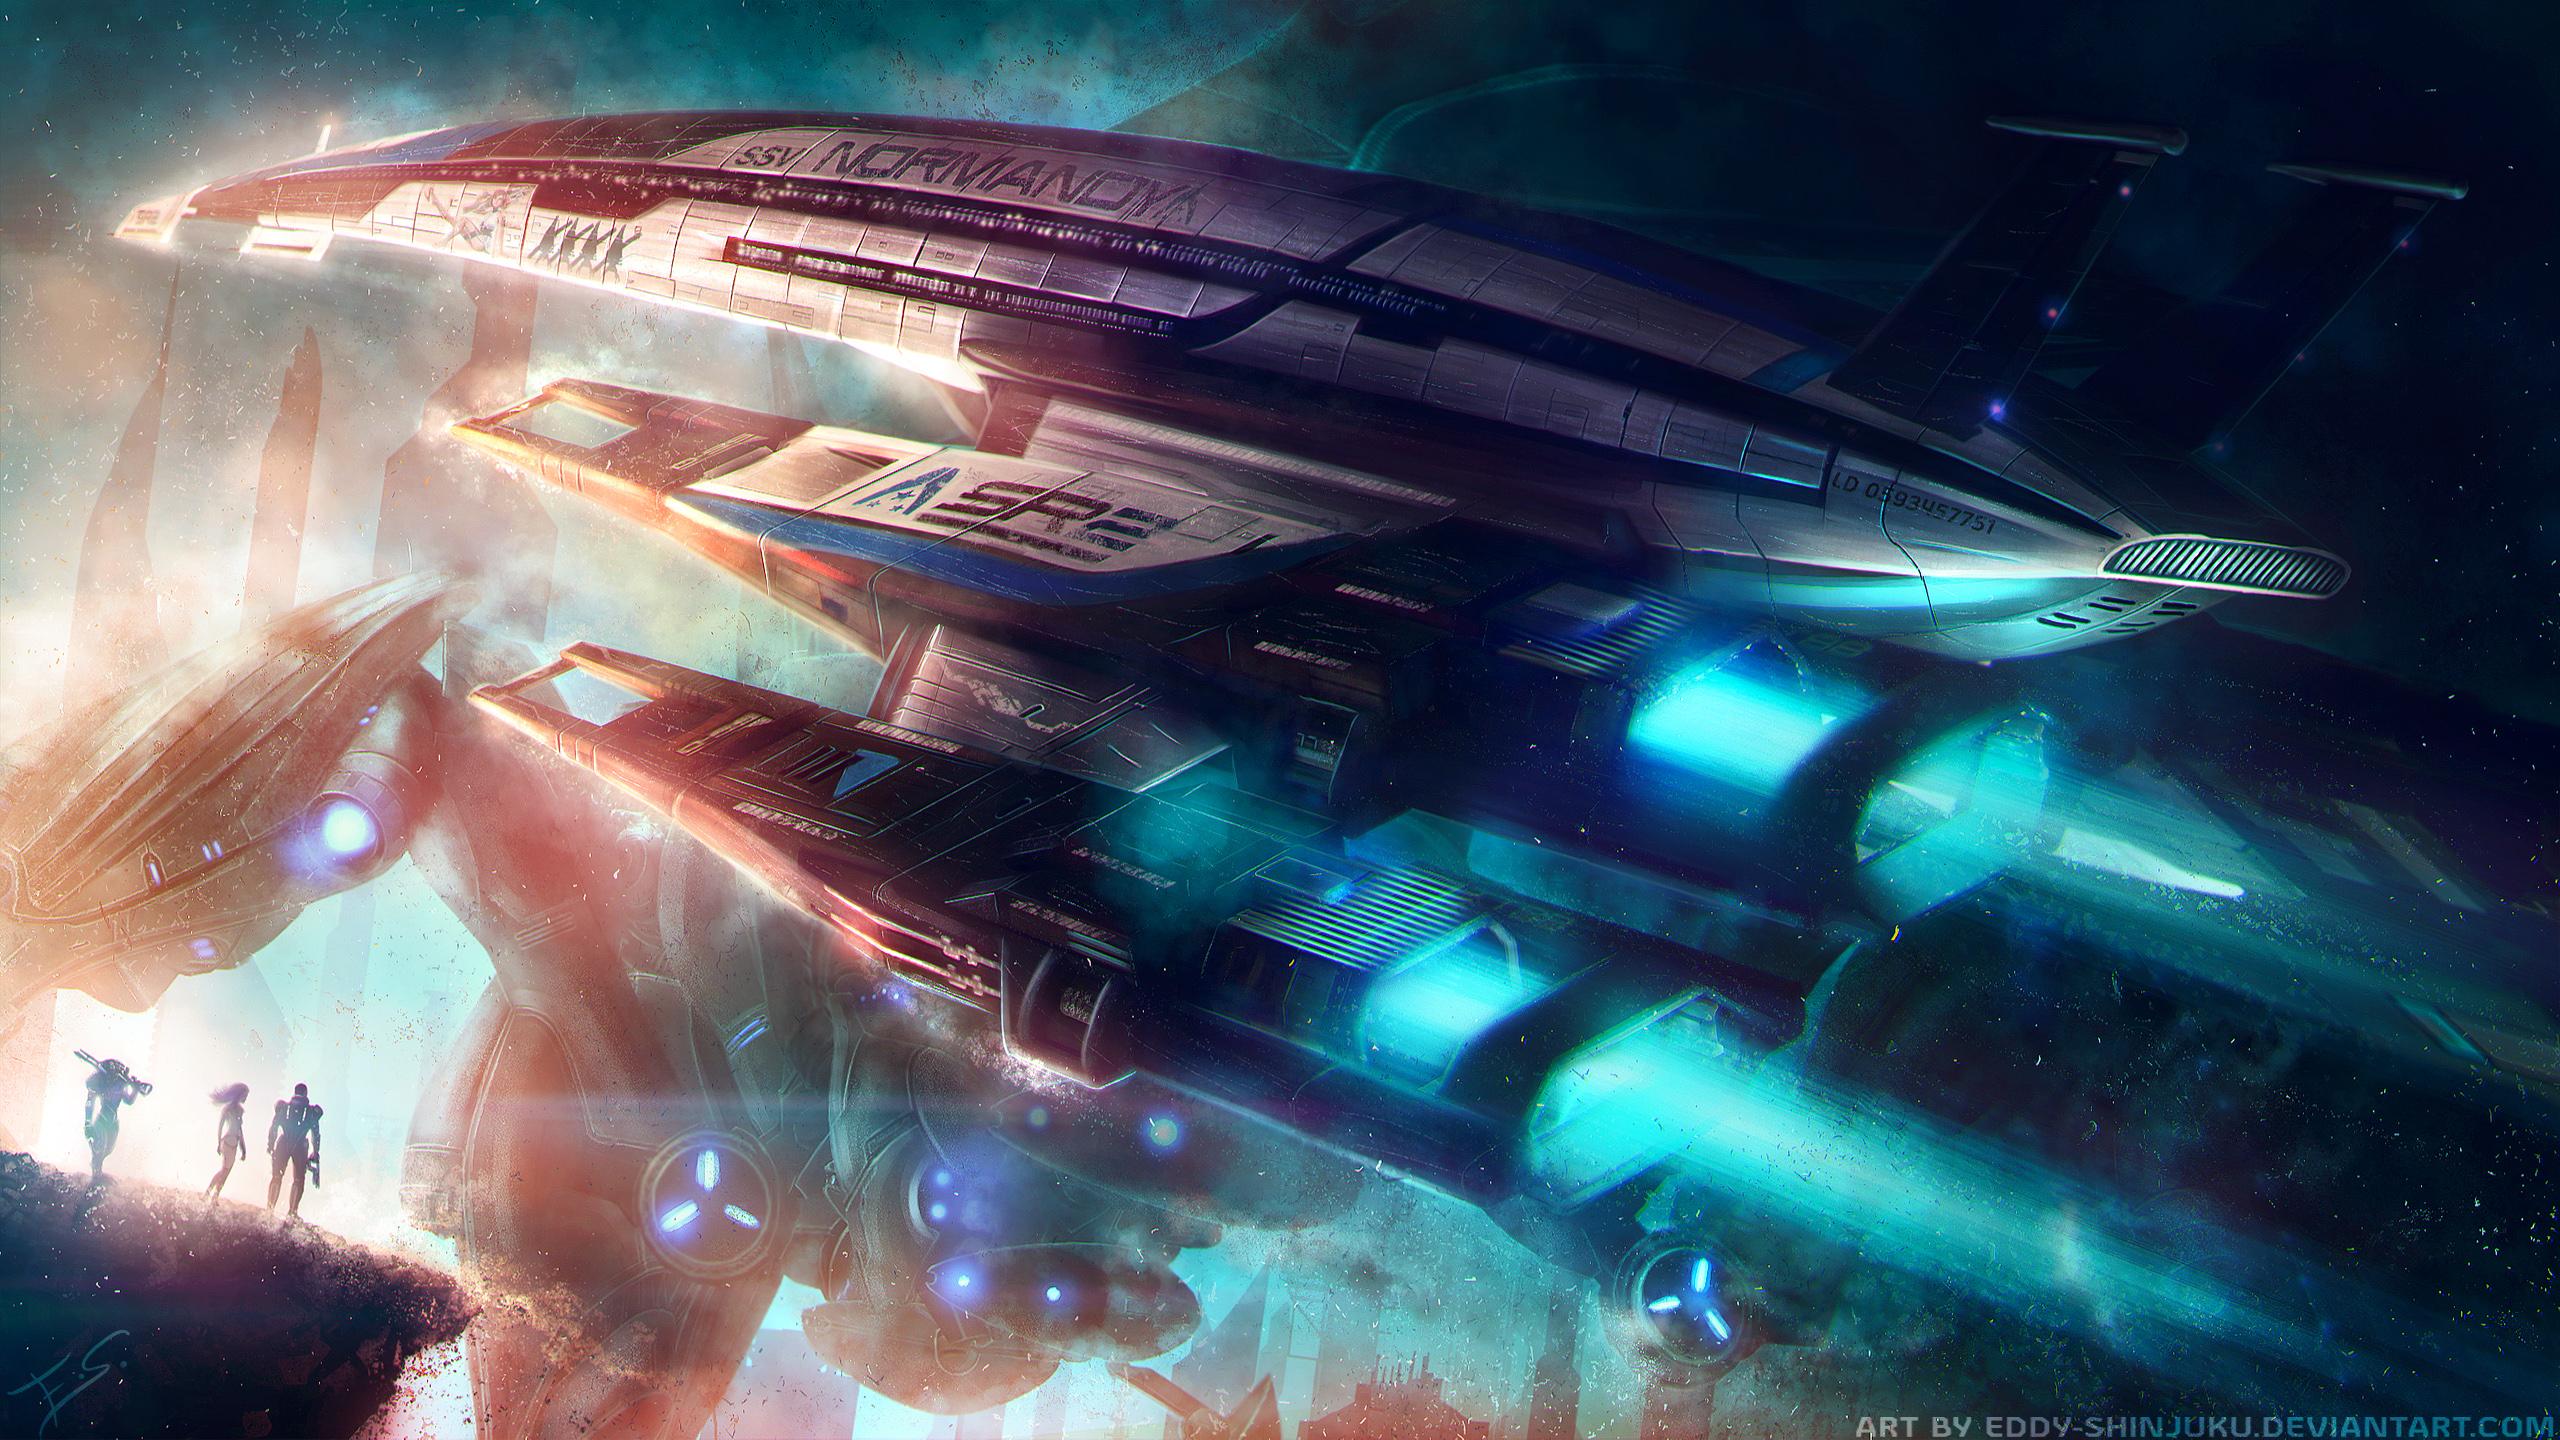 Обои космос корабль Вавилон-5 space ship Babylon 5 картинки на рабочий стол на тему Космос - скачать загрузить